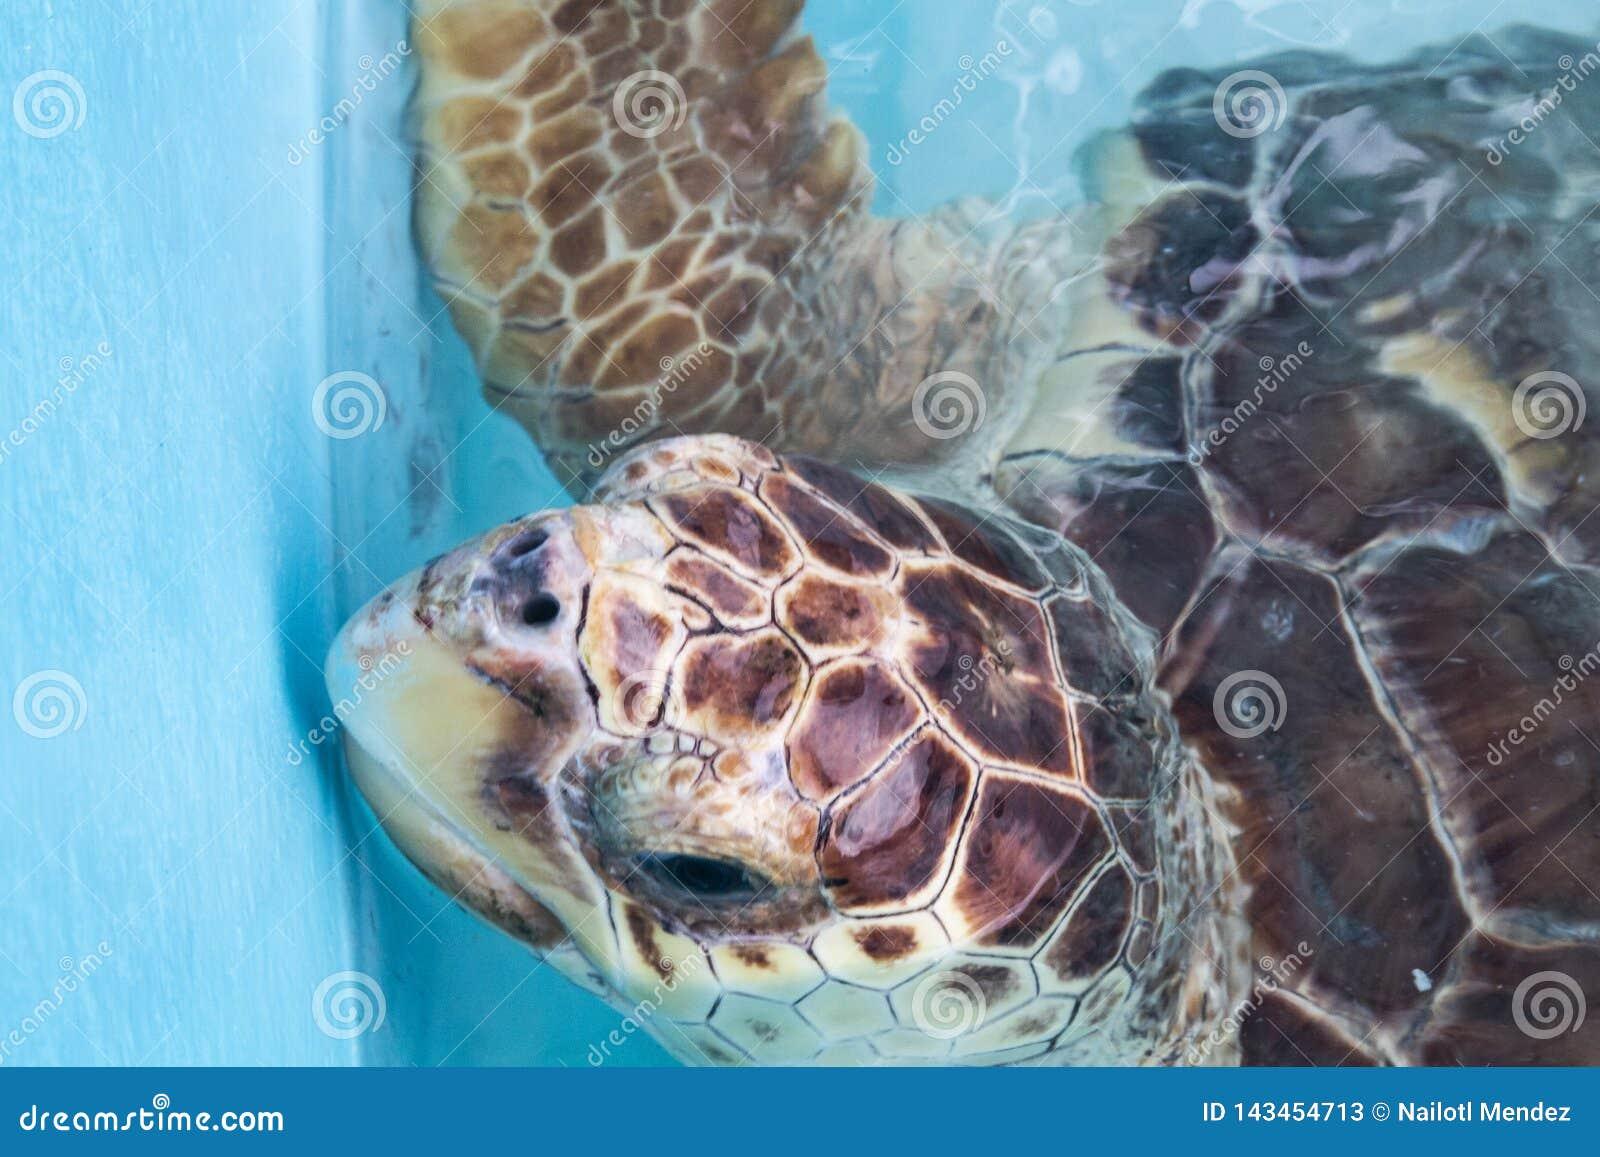 Zeeschildpad, Chelonioidea & x28; Chelonioidea& x29; zijn een schildpad superfamily bestaand uit zeeschildpadden